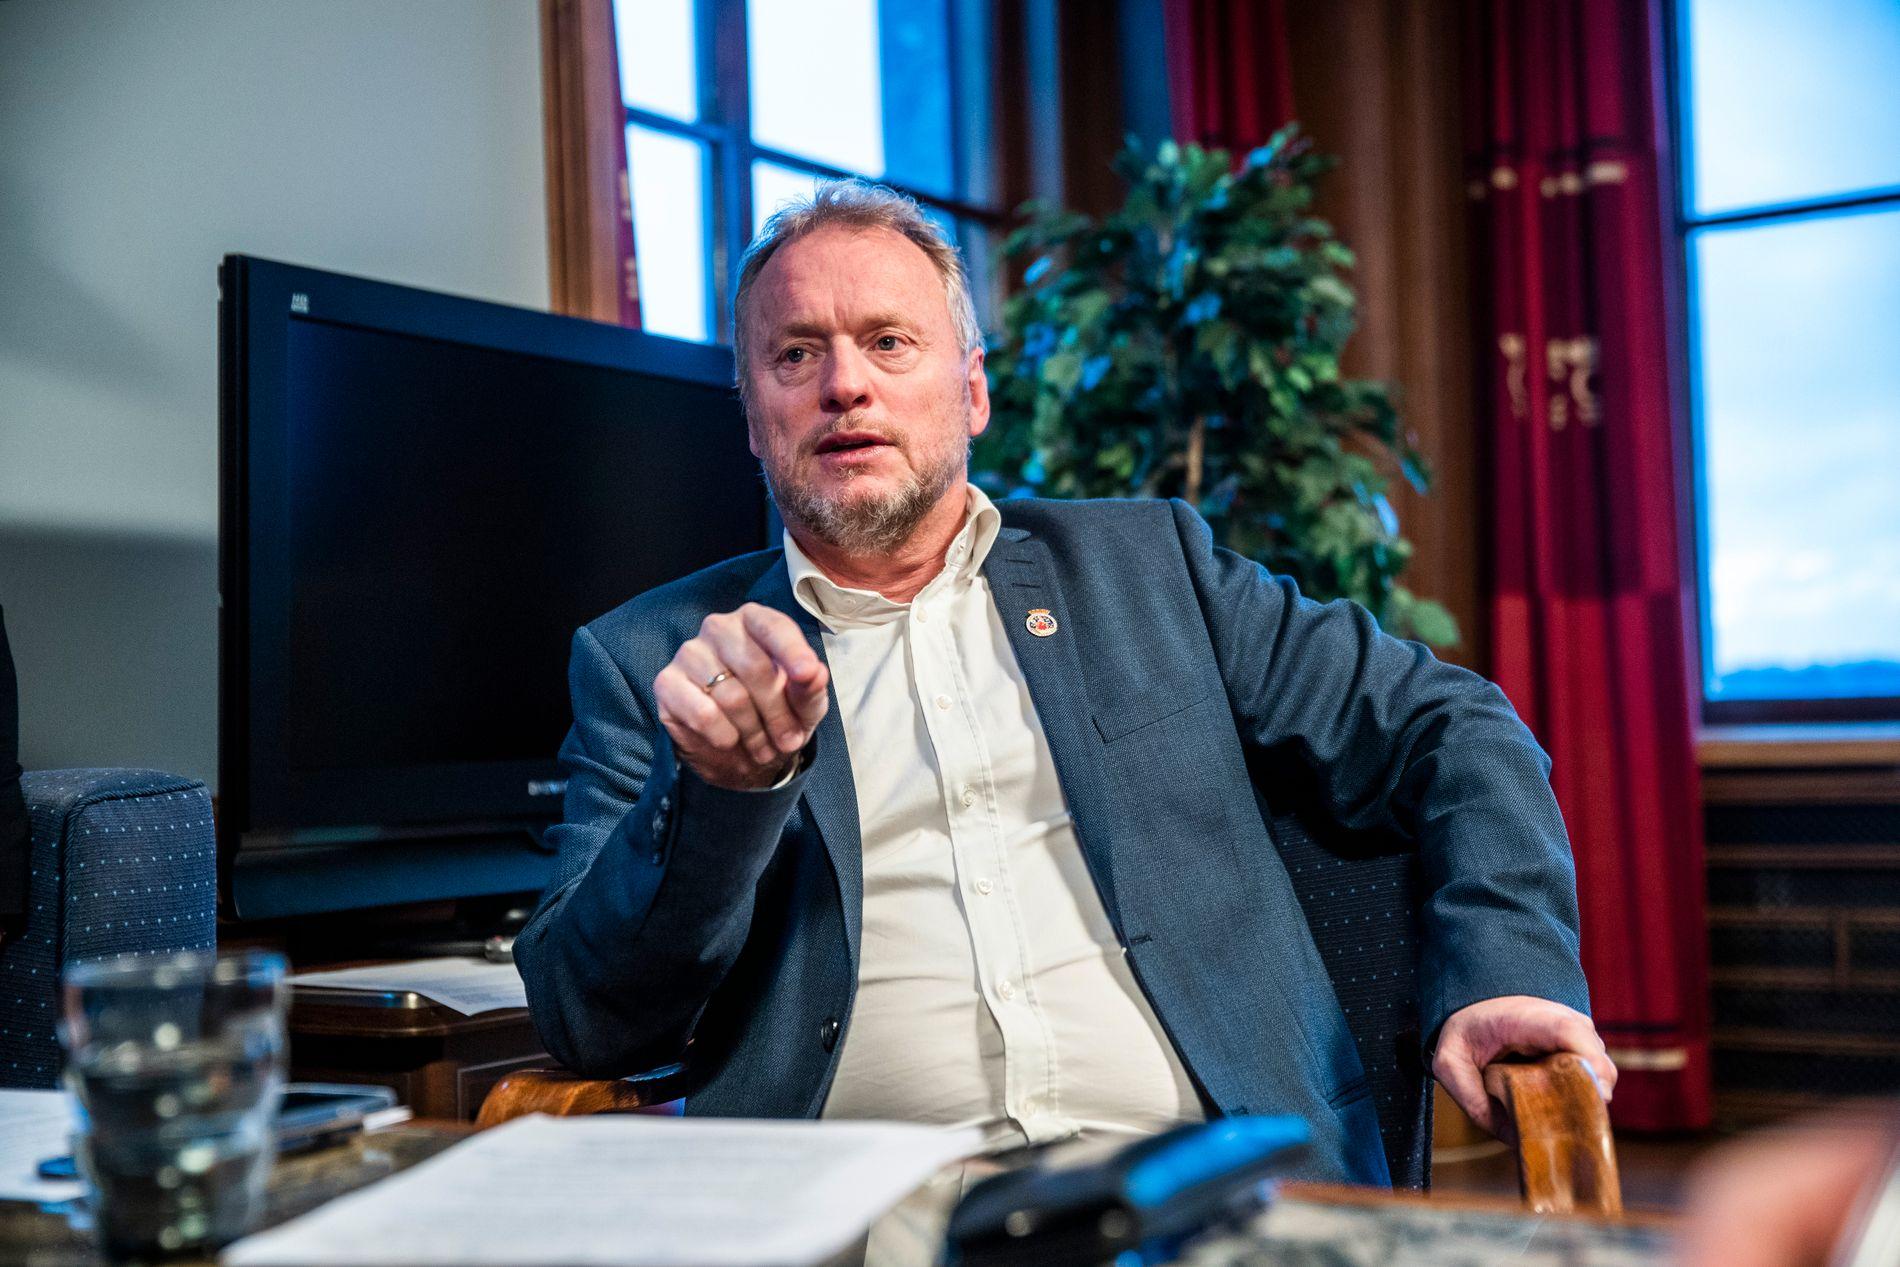 BYRÅDSLEDER: Flere anklager byrådsleder Raymond Johansen (Ap) for å bedrive dobbeltkommunikasjon om bompenger.